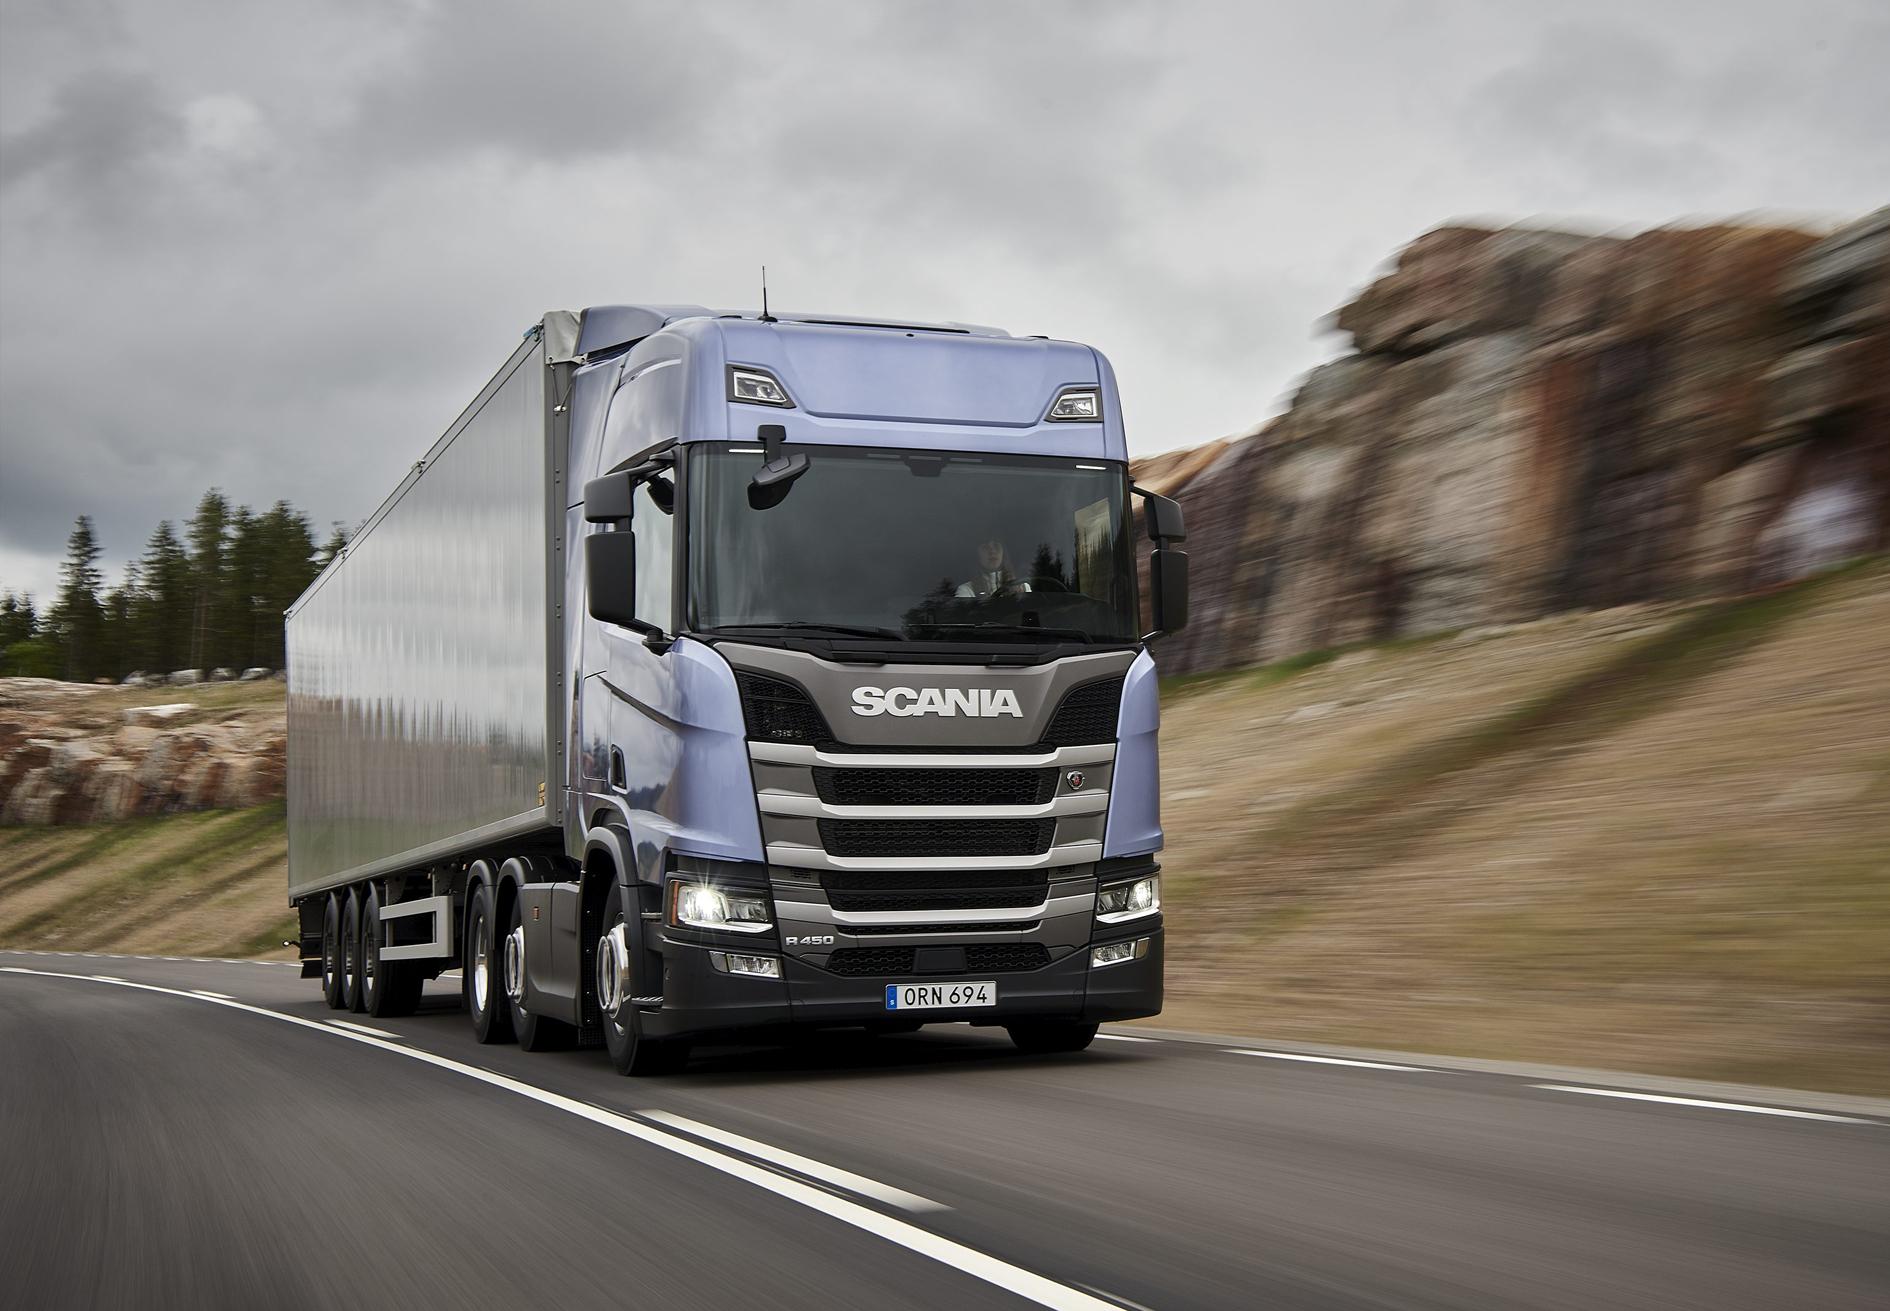 Scania'nın Yeni Nesil Kamyonları Türkiye'de Satışa Sunuldu